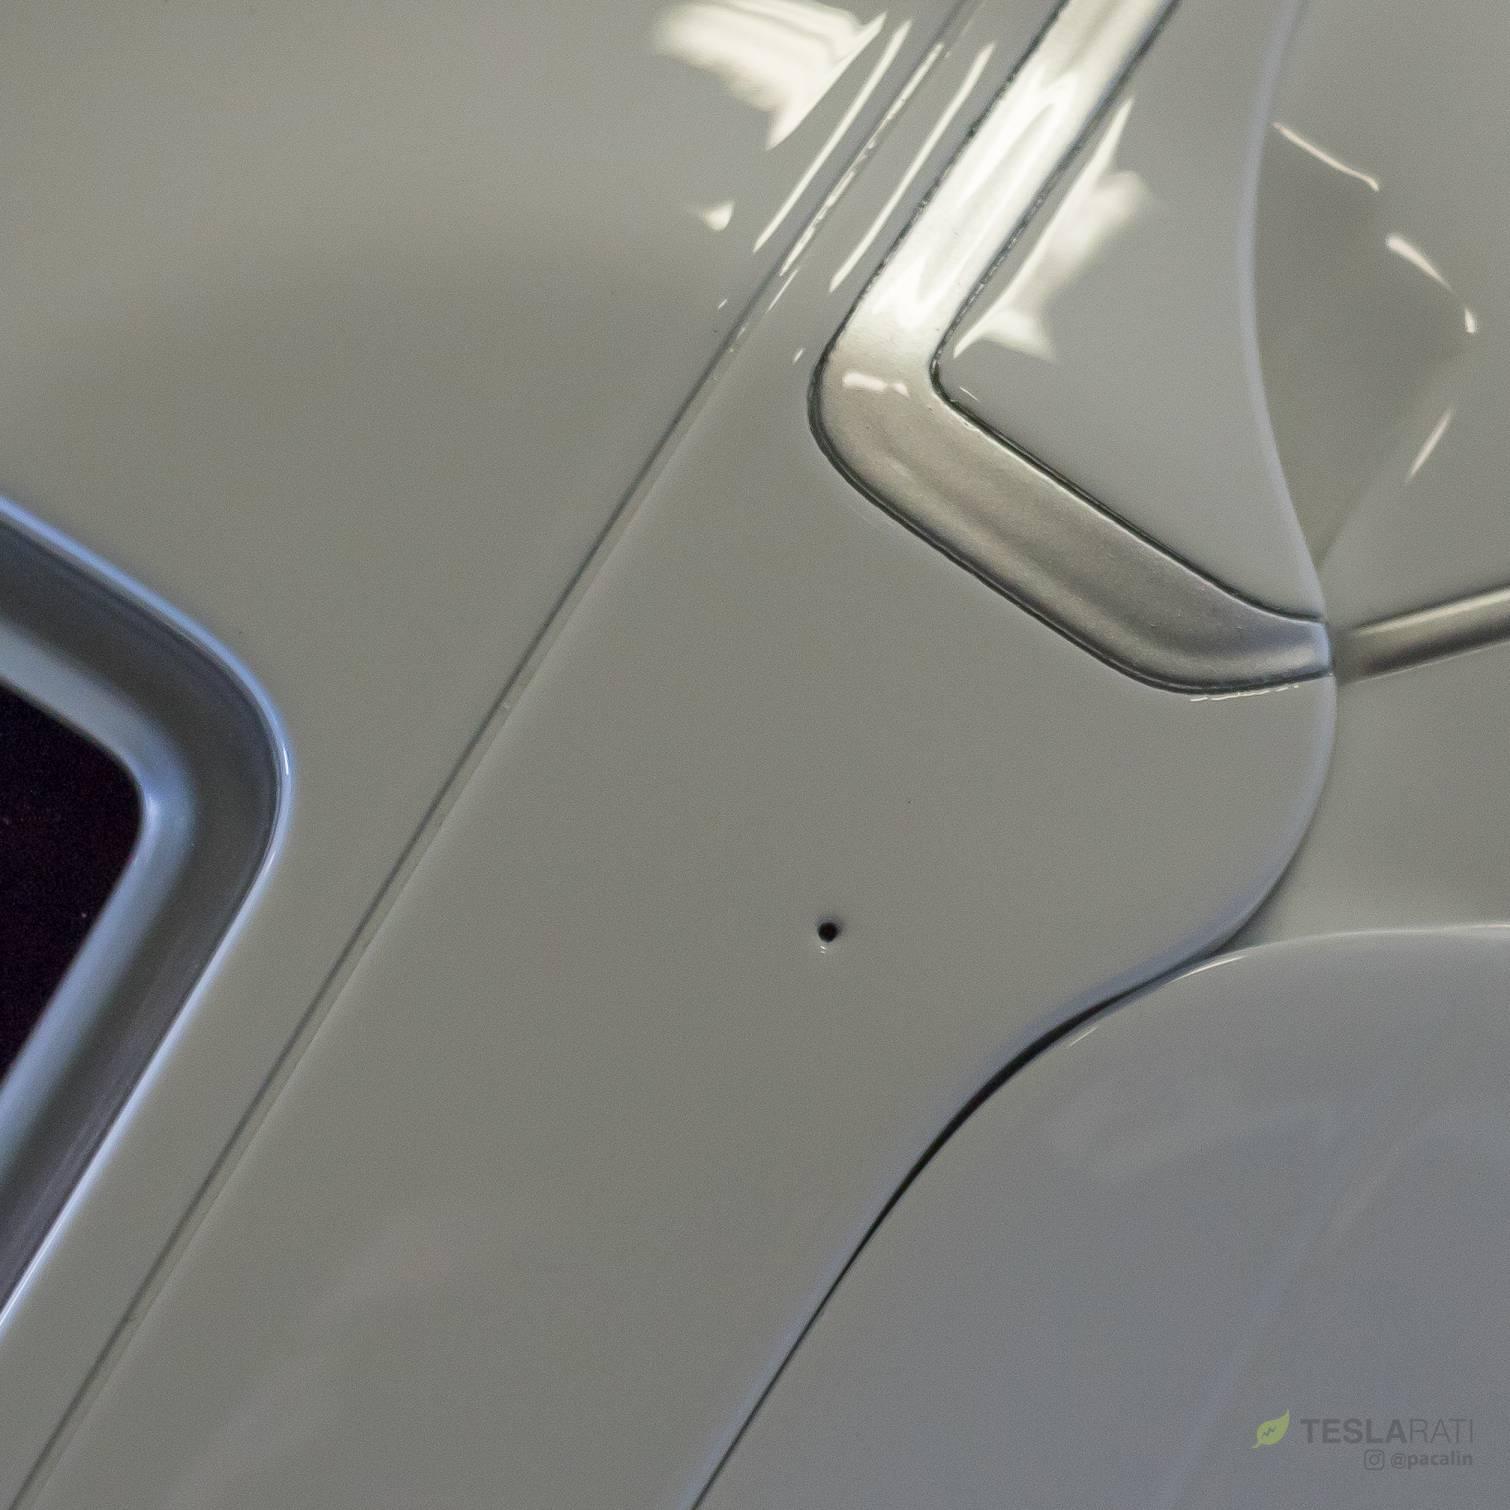 SpaceX spacesuit detail 081318 (Pauline Acalin) 4(c)